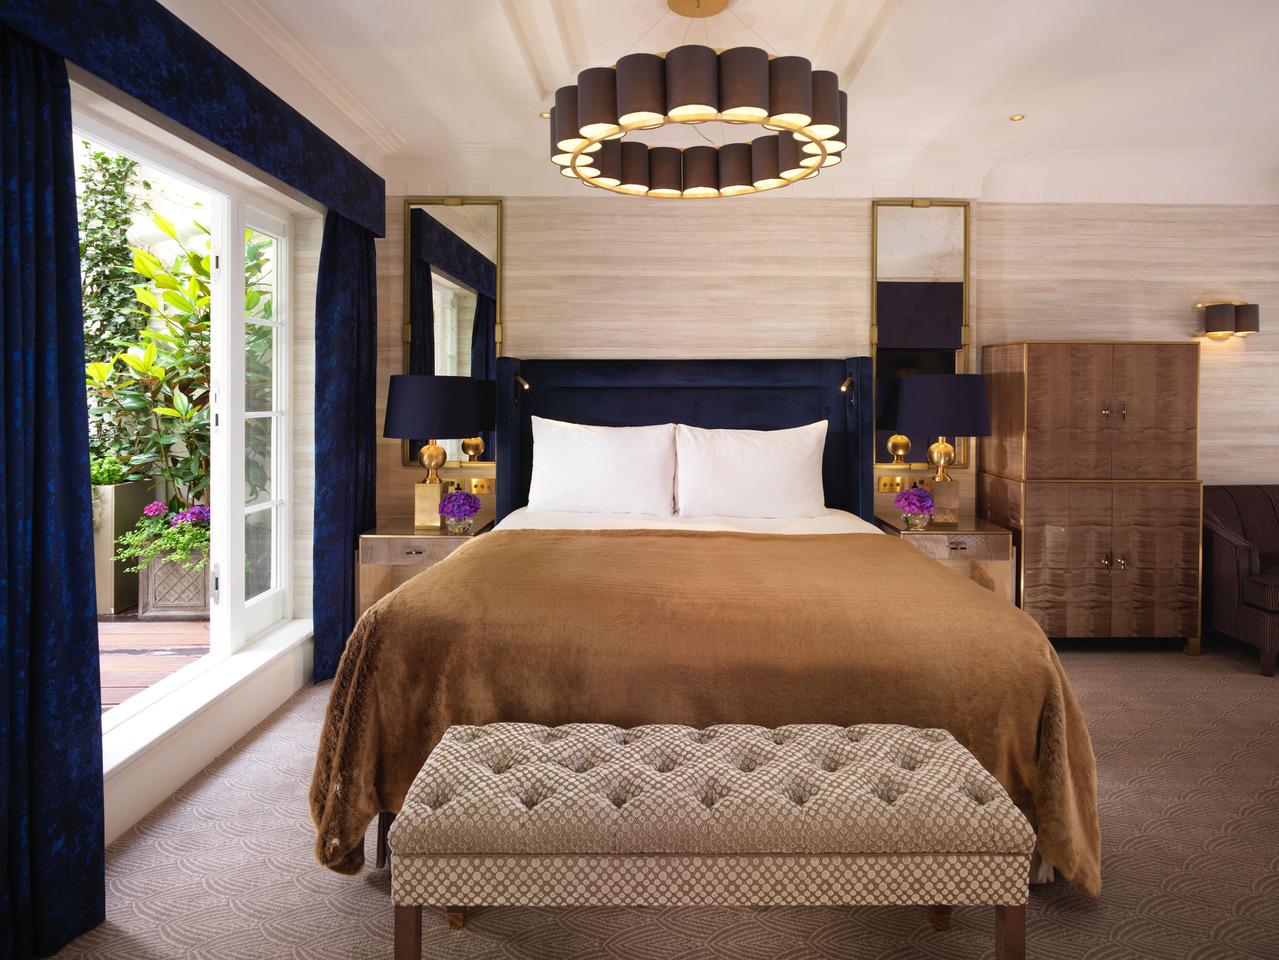 Flemings Mayfair Hotel room